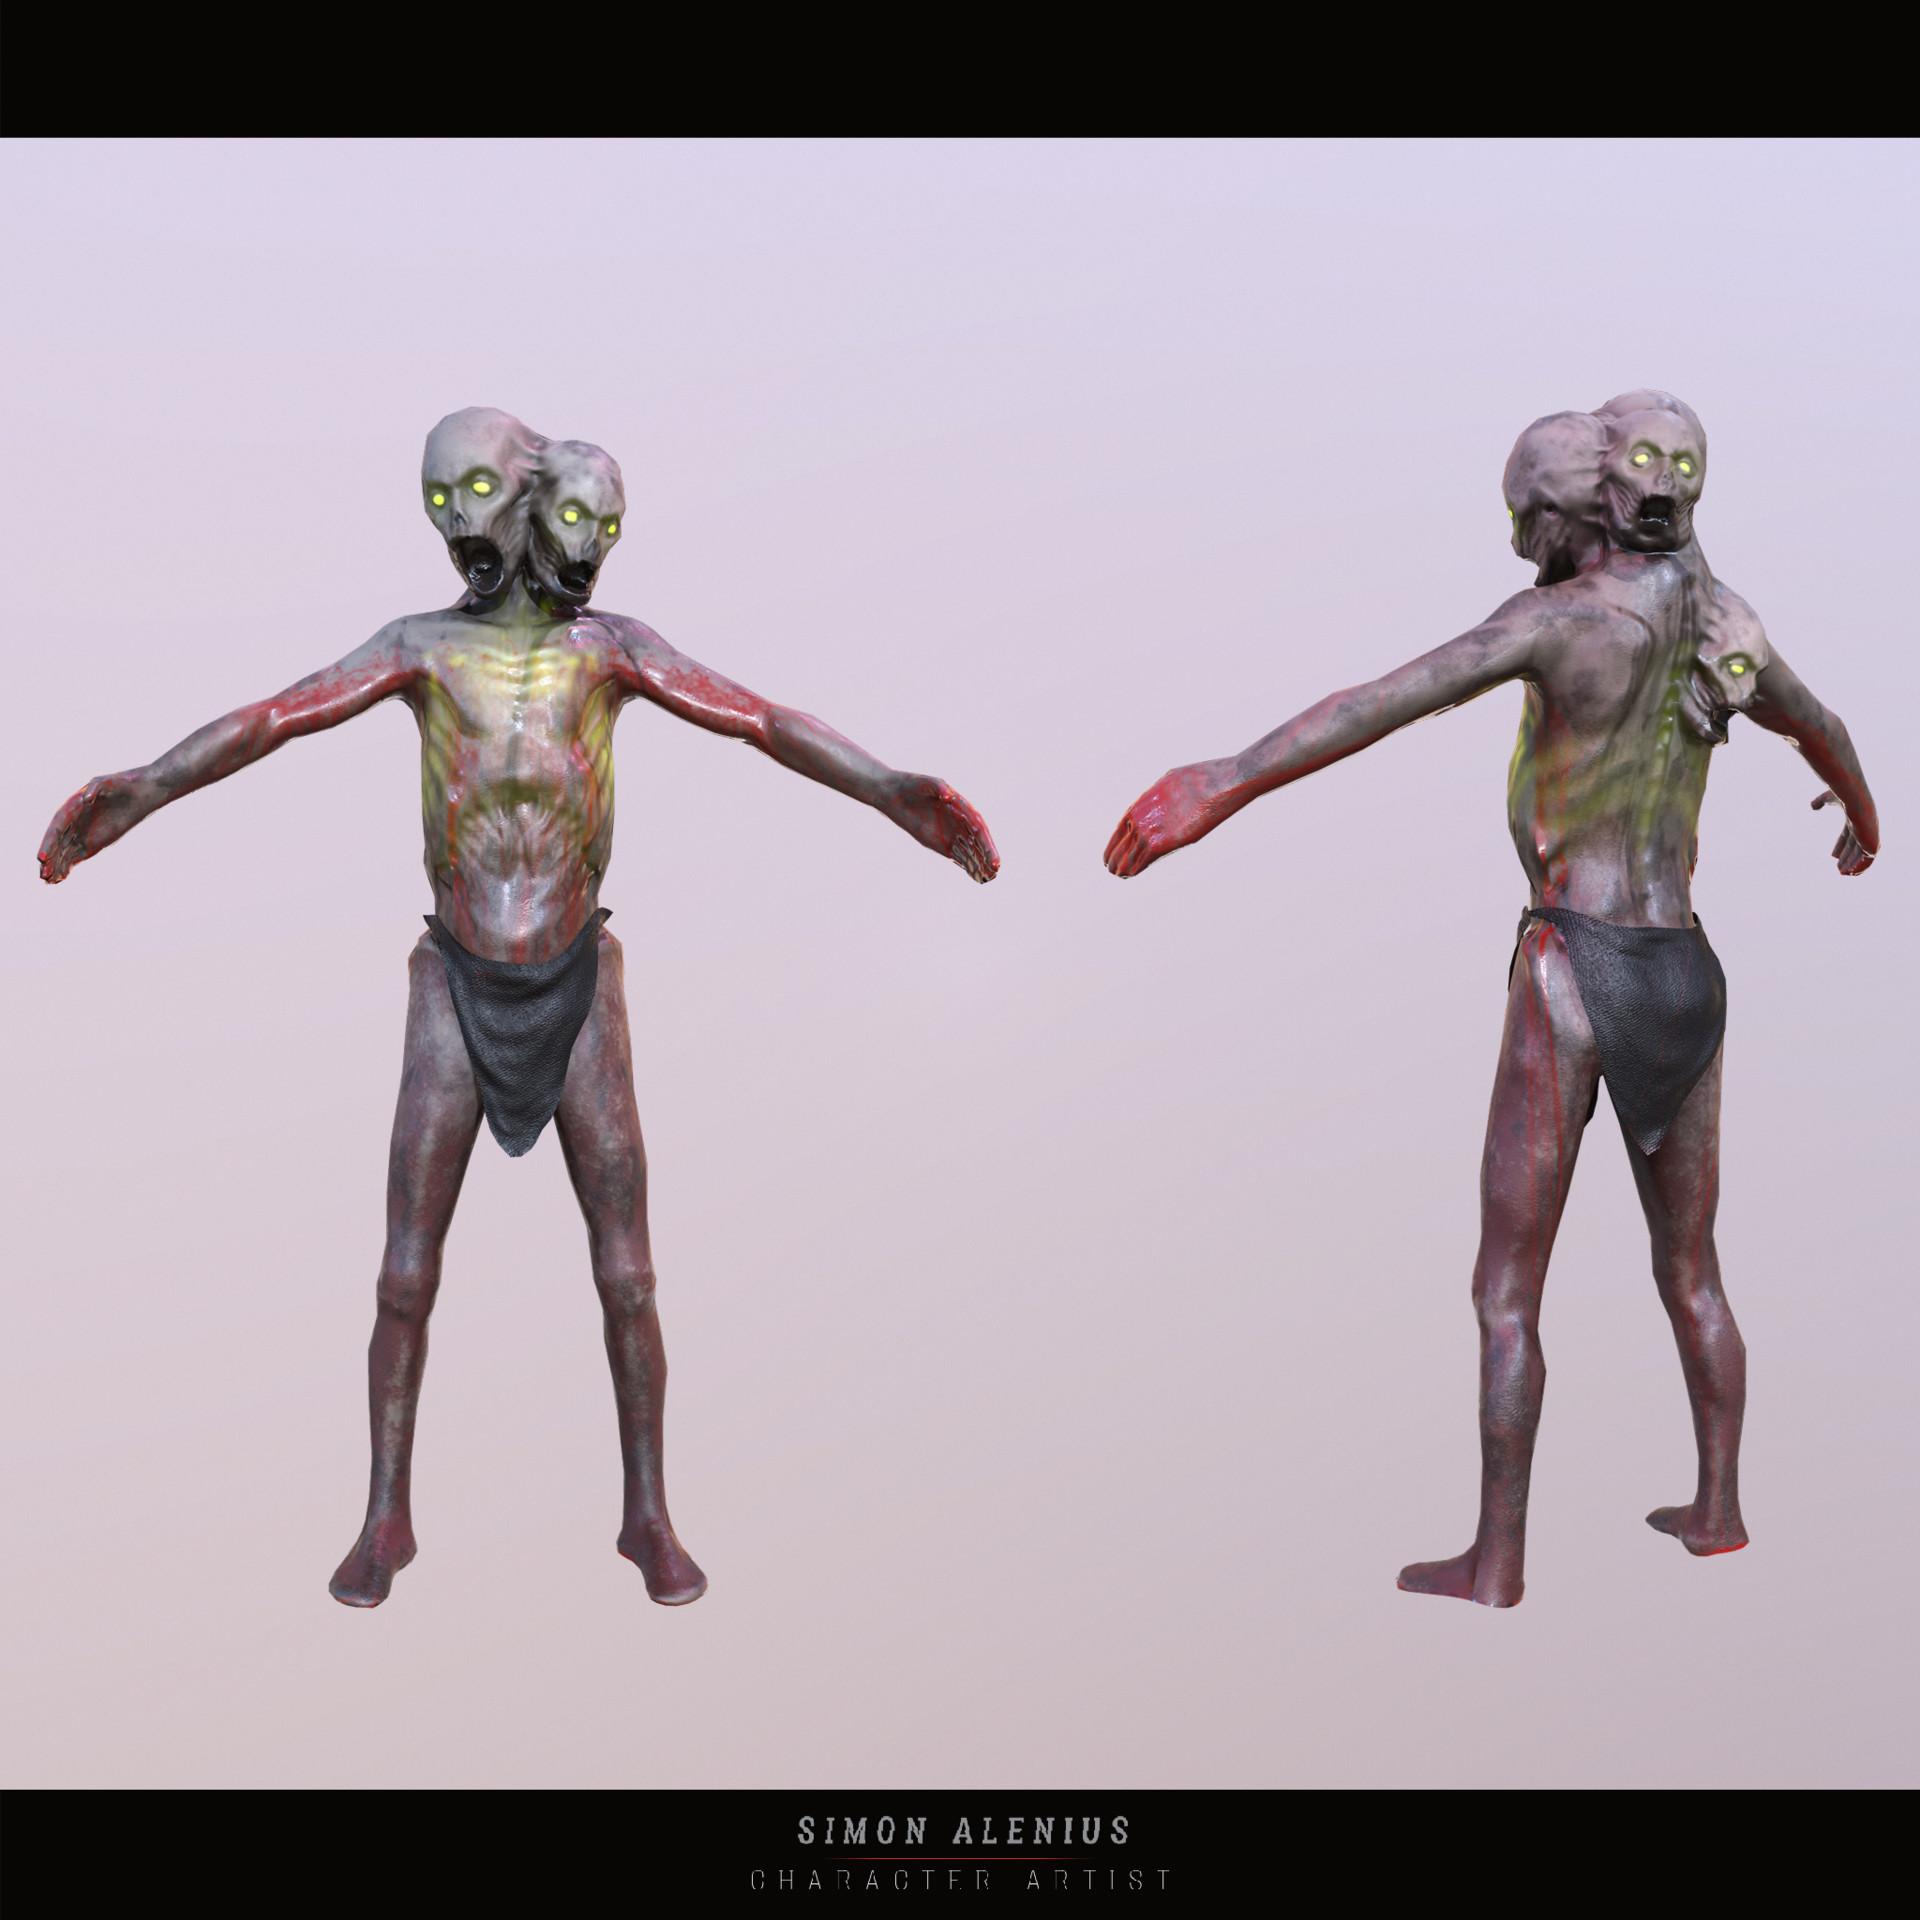 Simon alenius zombies